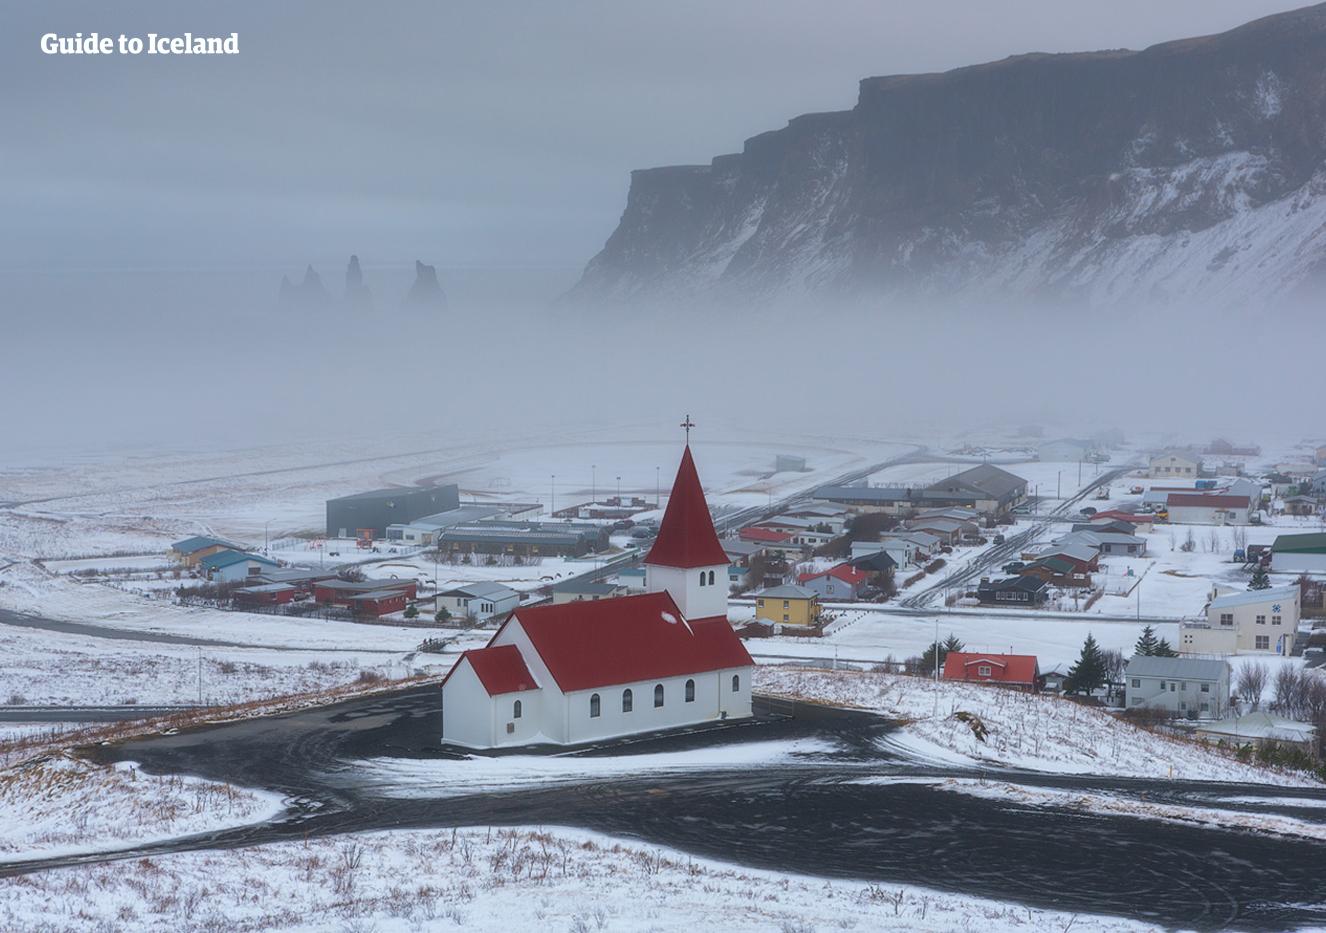 หมู่บ้านวิกปกคลุมด้วยชั้นของหิมะที่เพิ่งตกใหม่ๆ